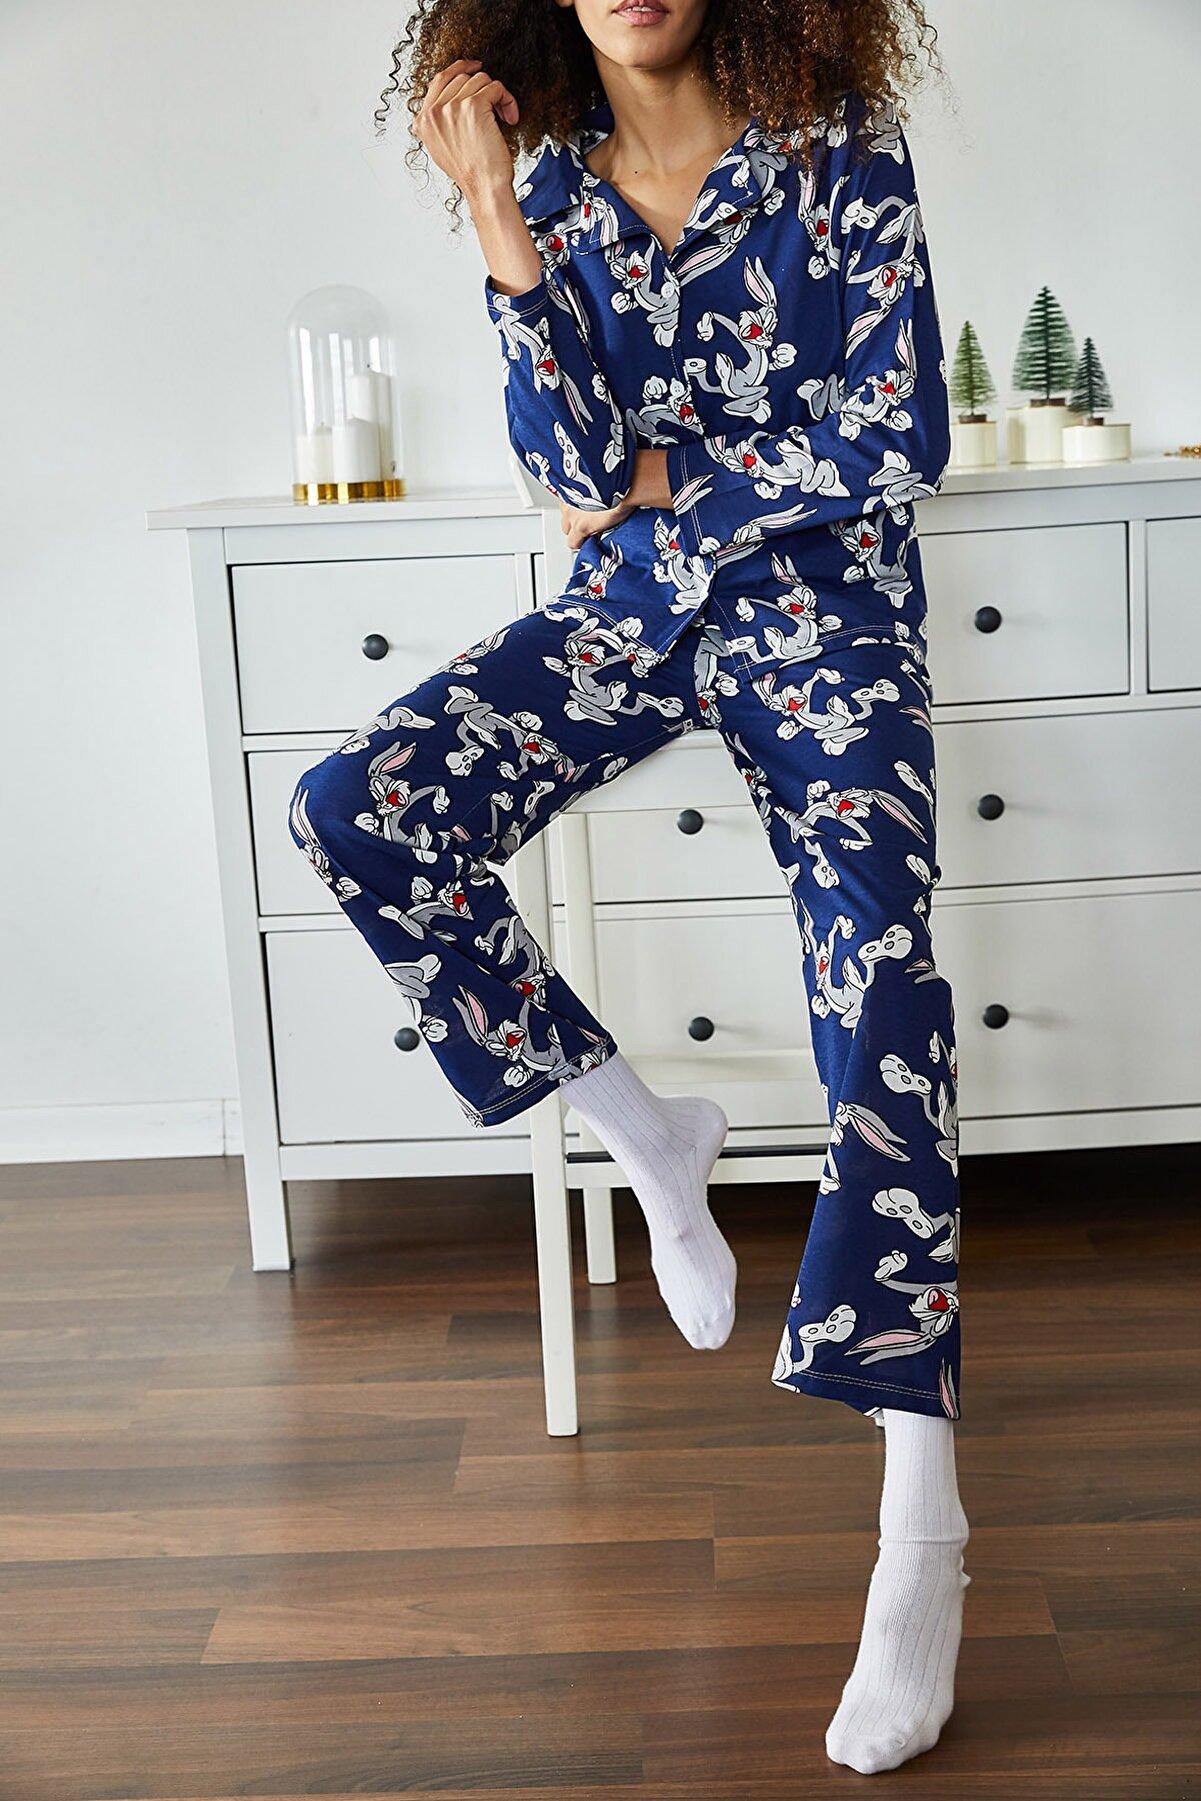 Xena Kadın Lacivert Tavşan Baskılı Örme Pijama Takımı 1KZK8-11024-77